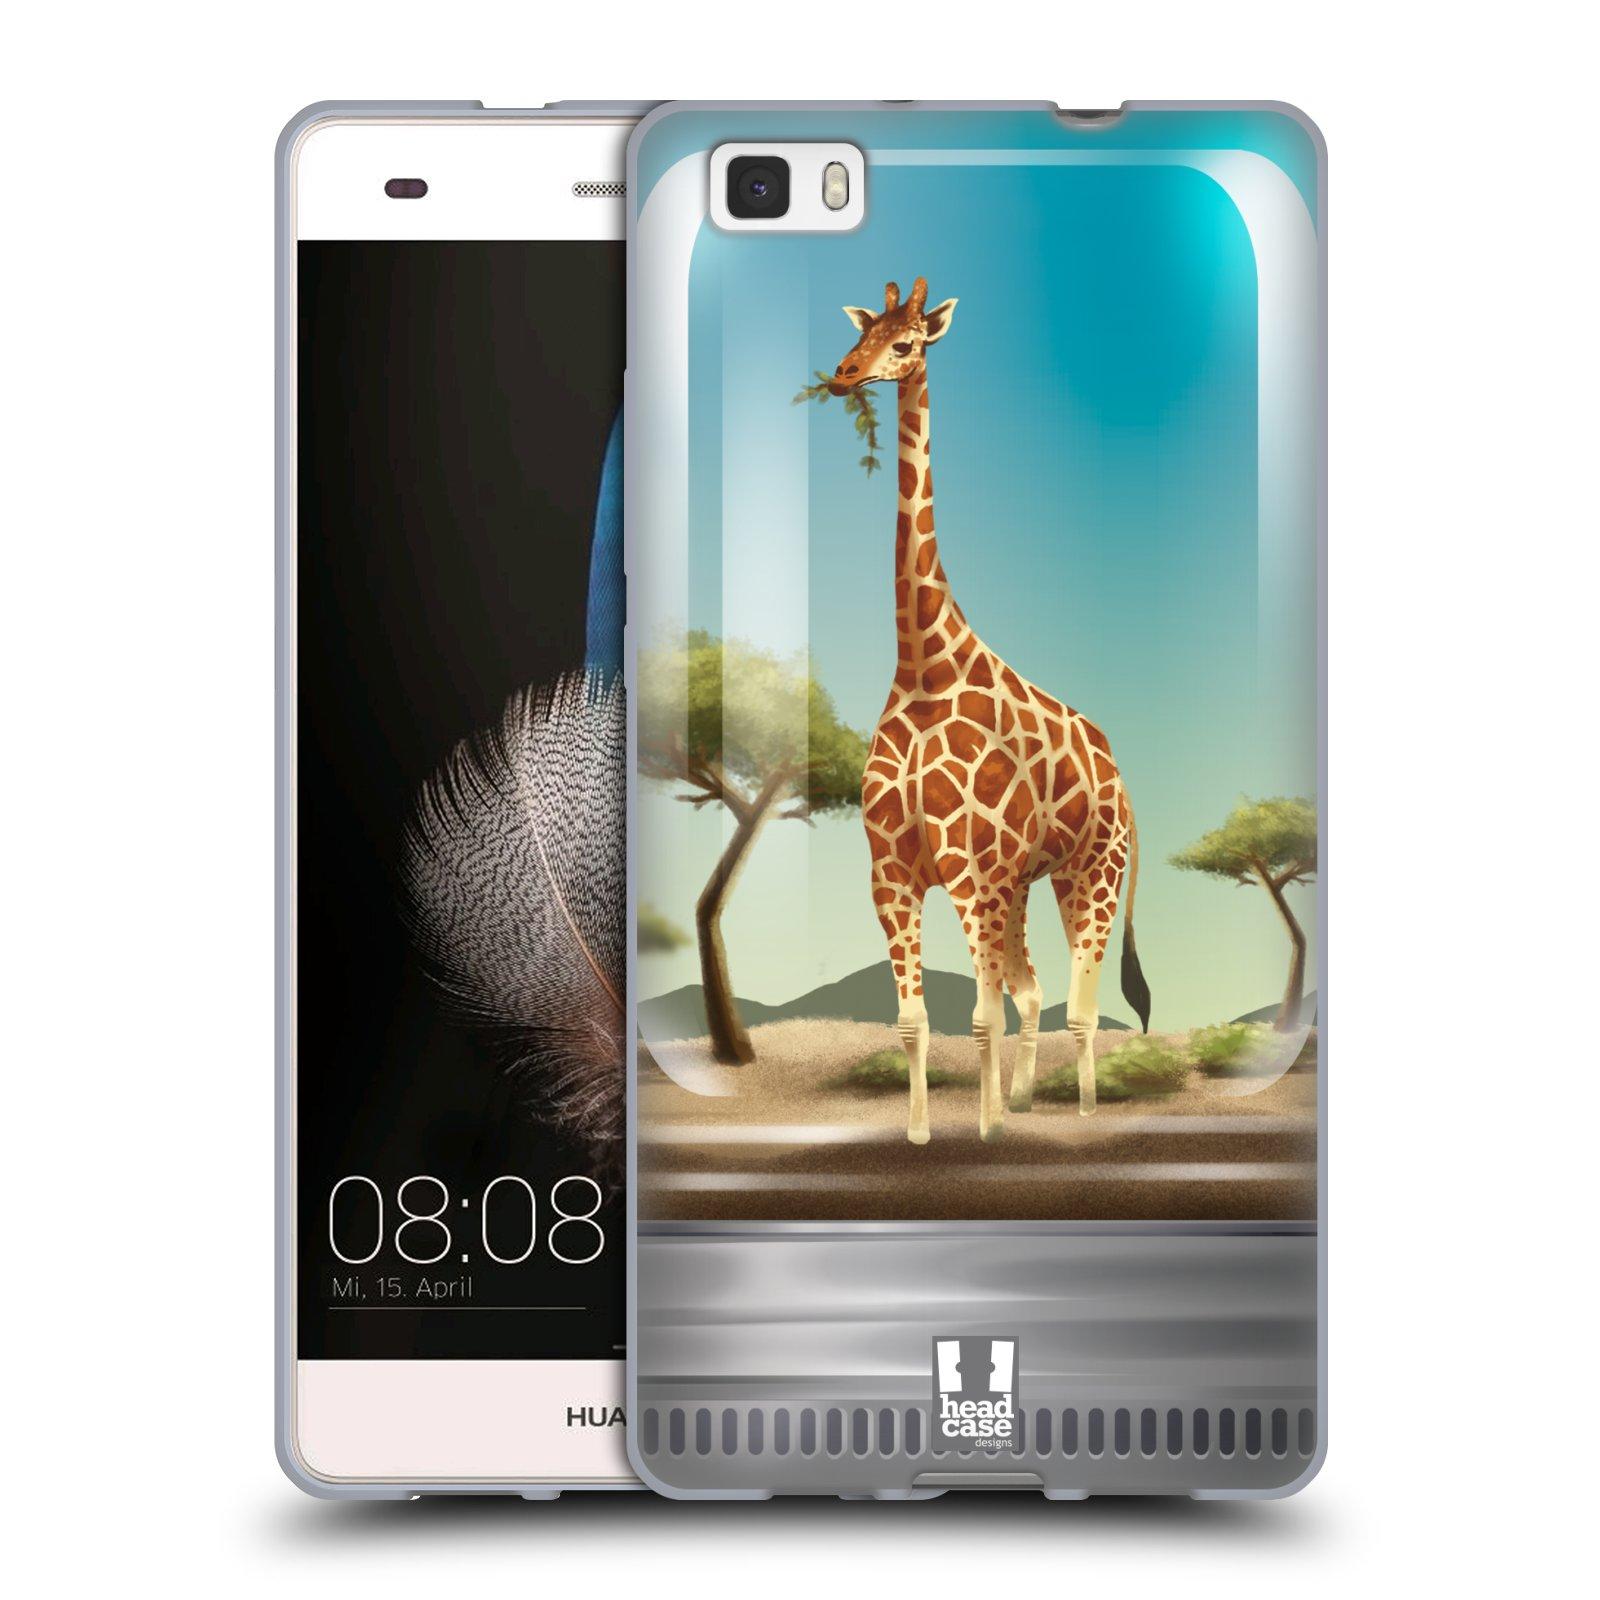 HEAD CASE silikonový obal na mobil HUAWEI P8 LITE vzor Zvířátka v těžítku žirafa